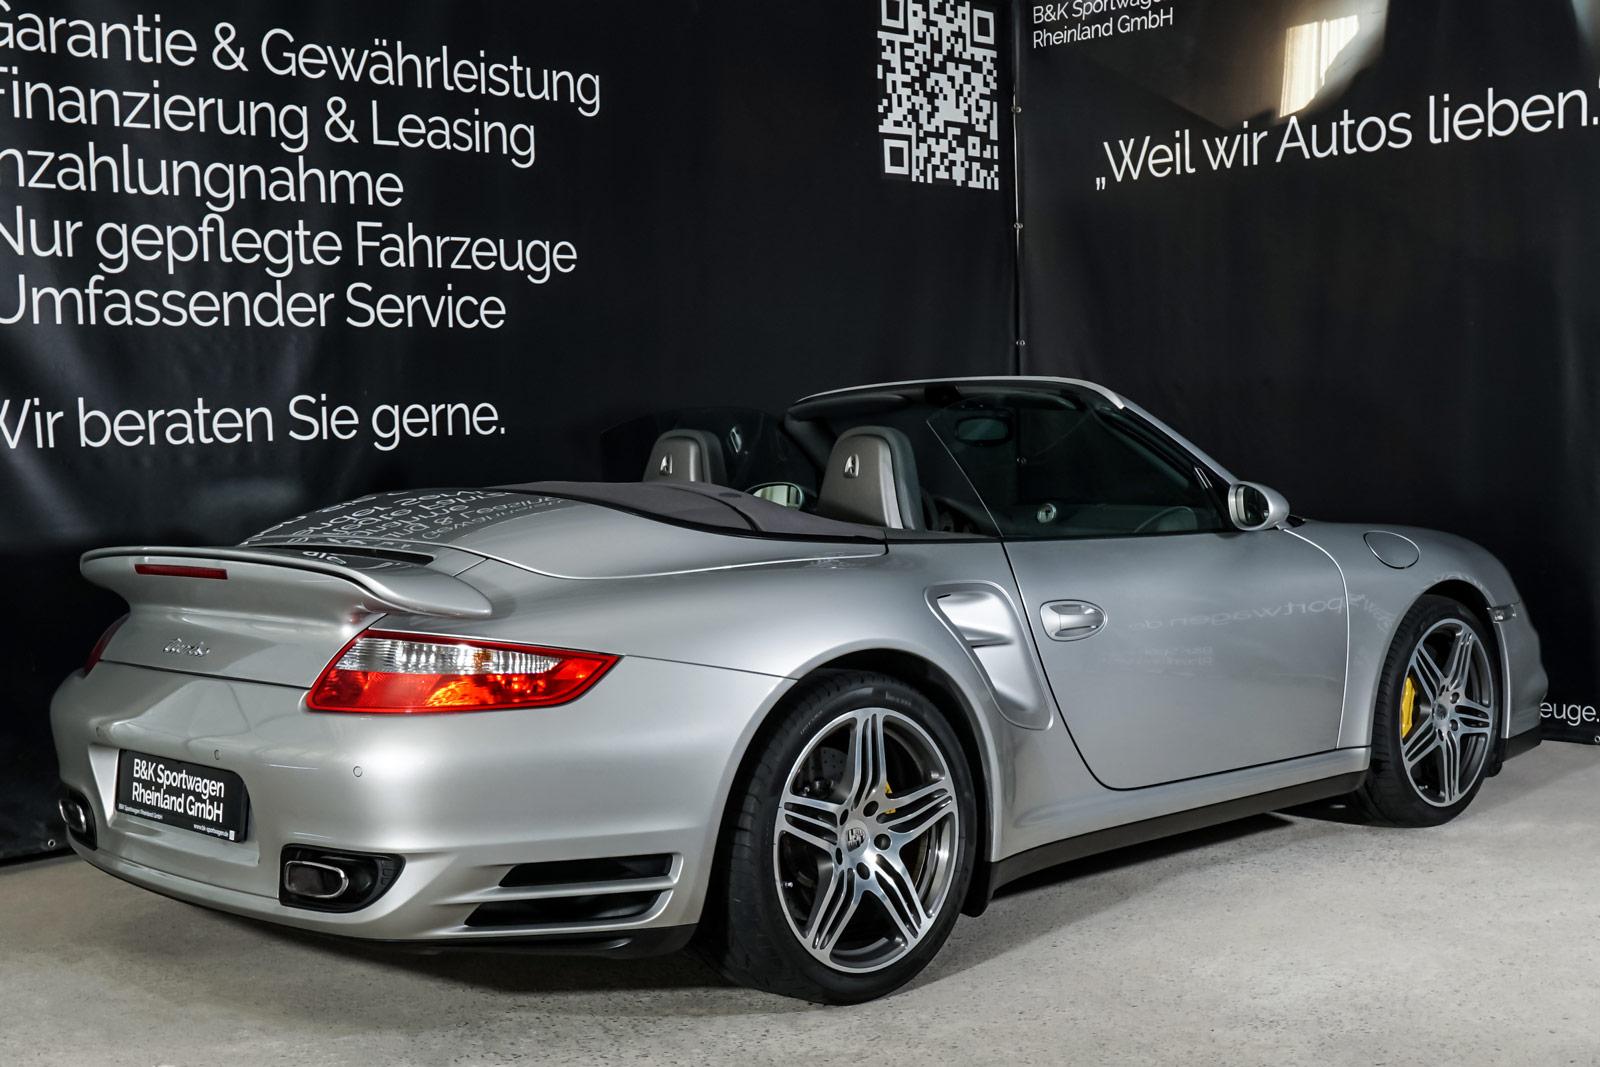 Porsche_997_Turbo_Cabrio_Silber_Grau_POR-6105_24_w